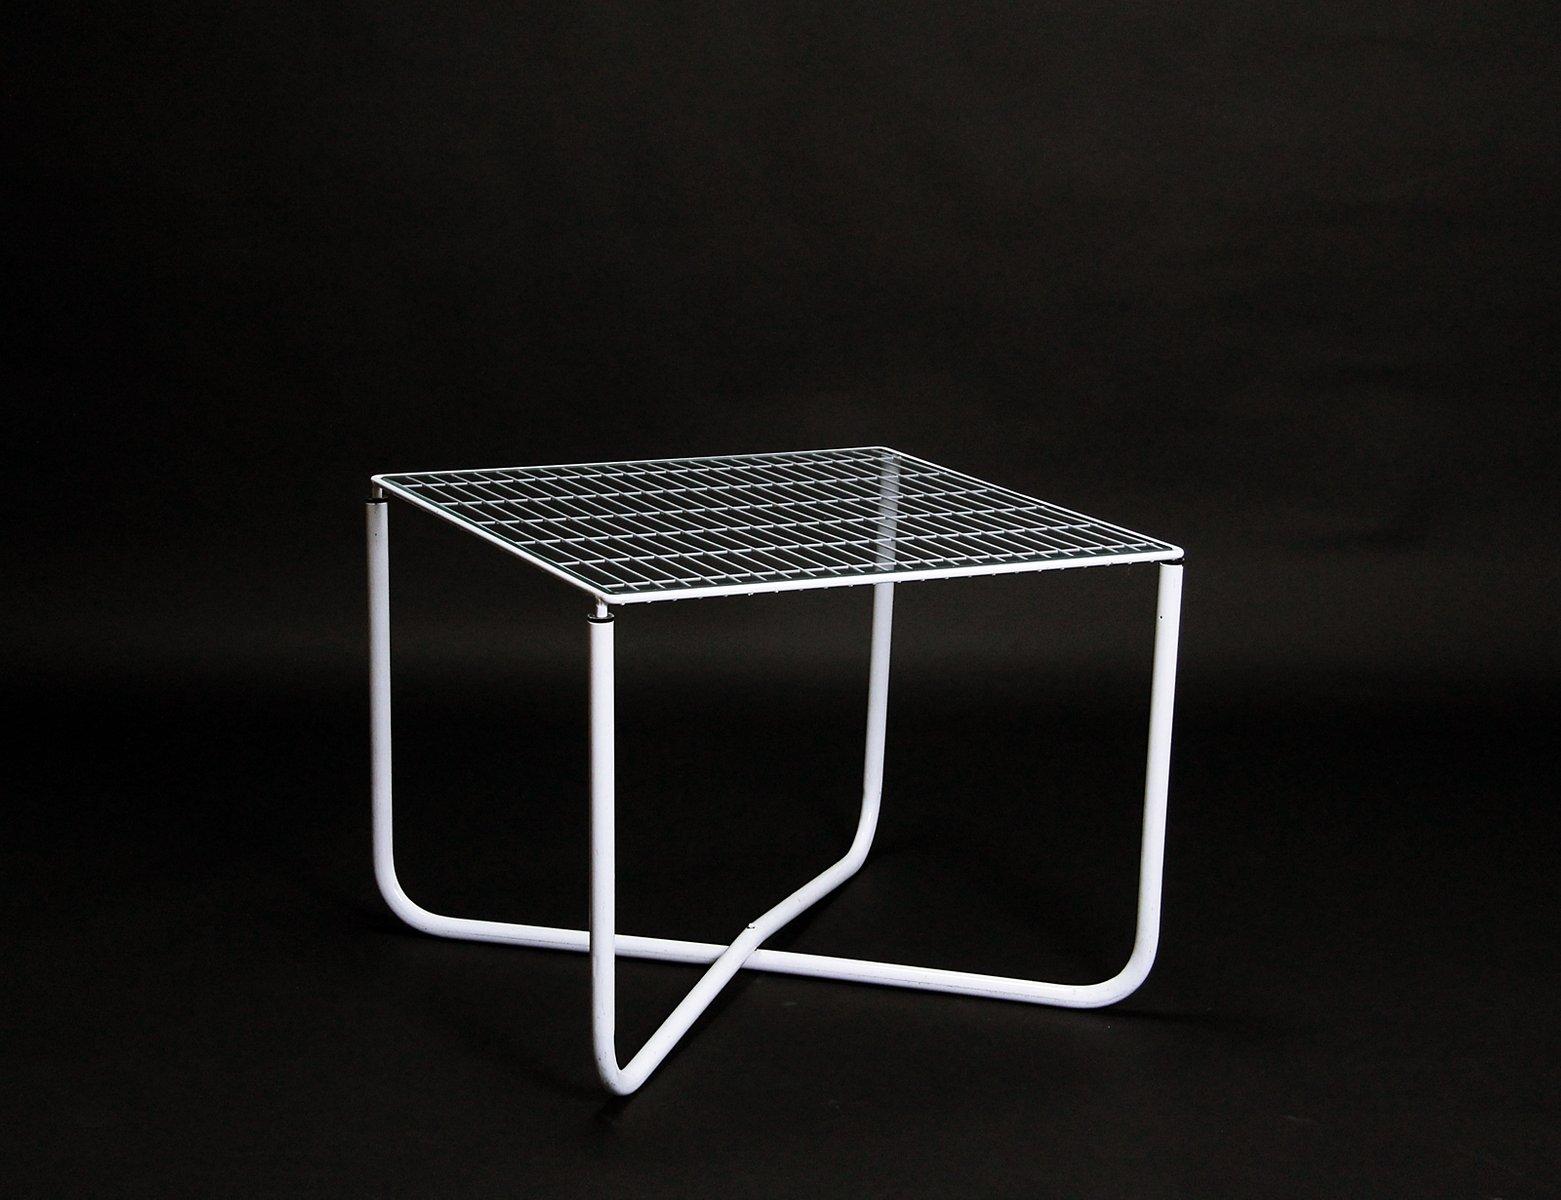 postmoderner wei er jarpen tisch von niels gammelgaard f r ikea 1983 bei pamono kaufen. Black Bedroom Furniture Sets. Home Design Ideas